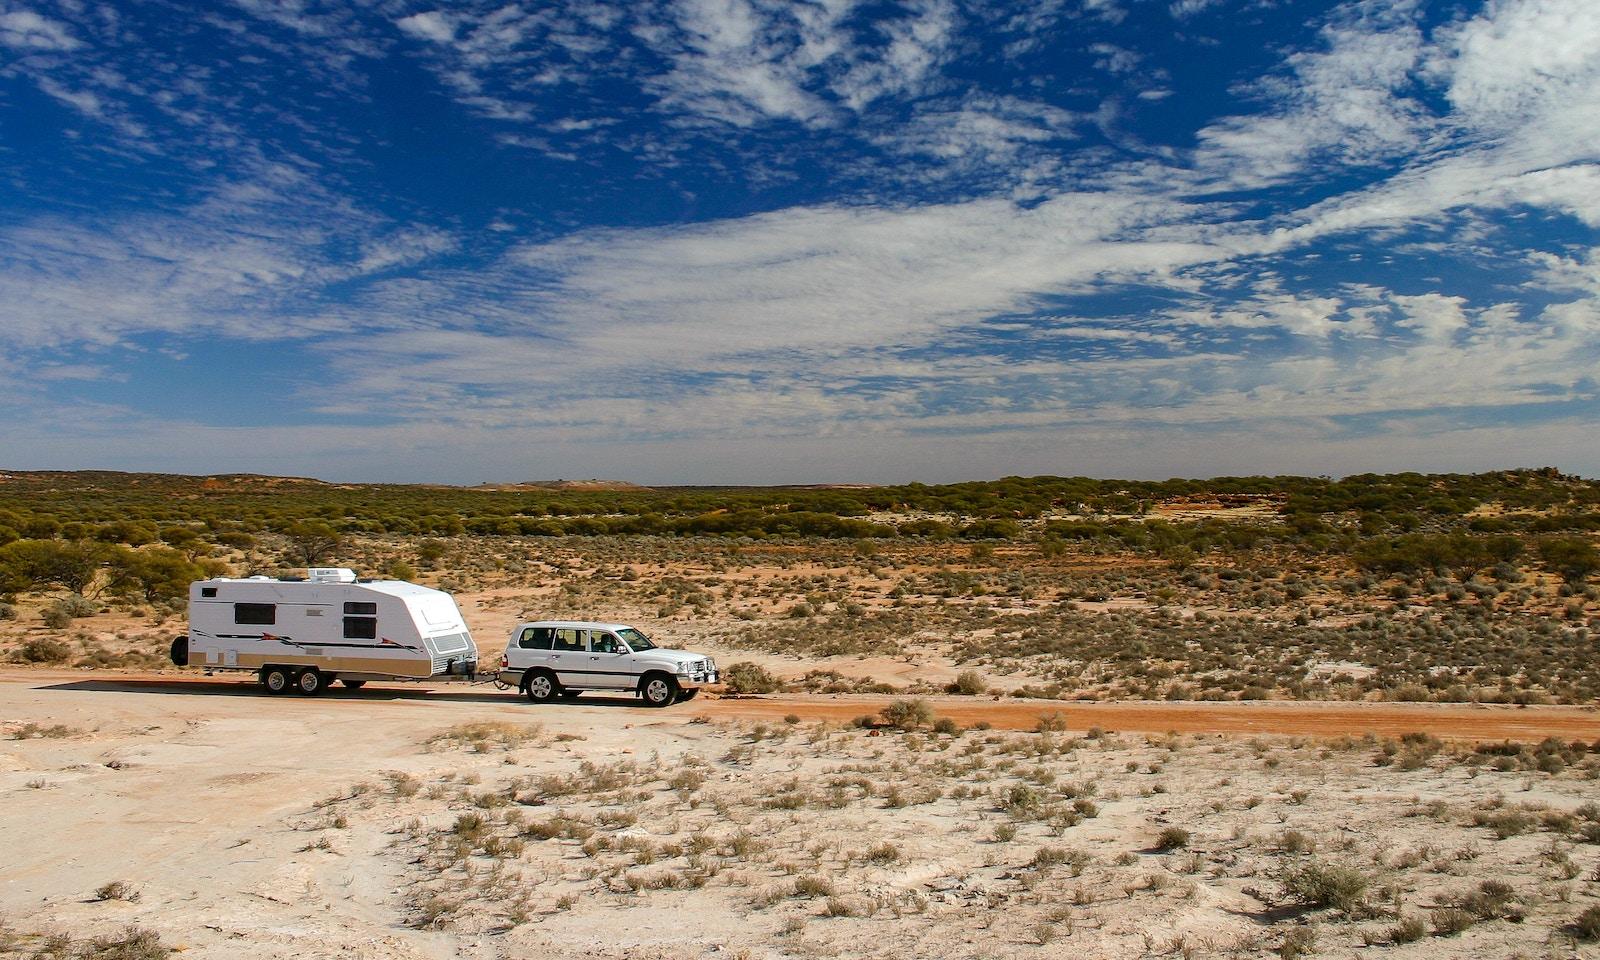 Your Caravan Holiday Checklist